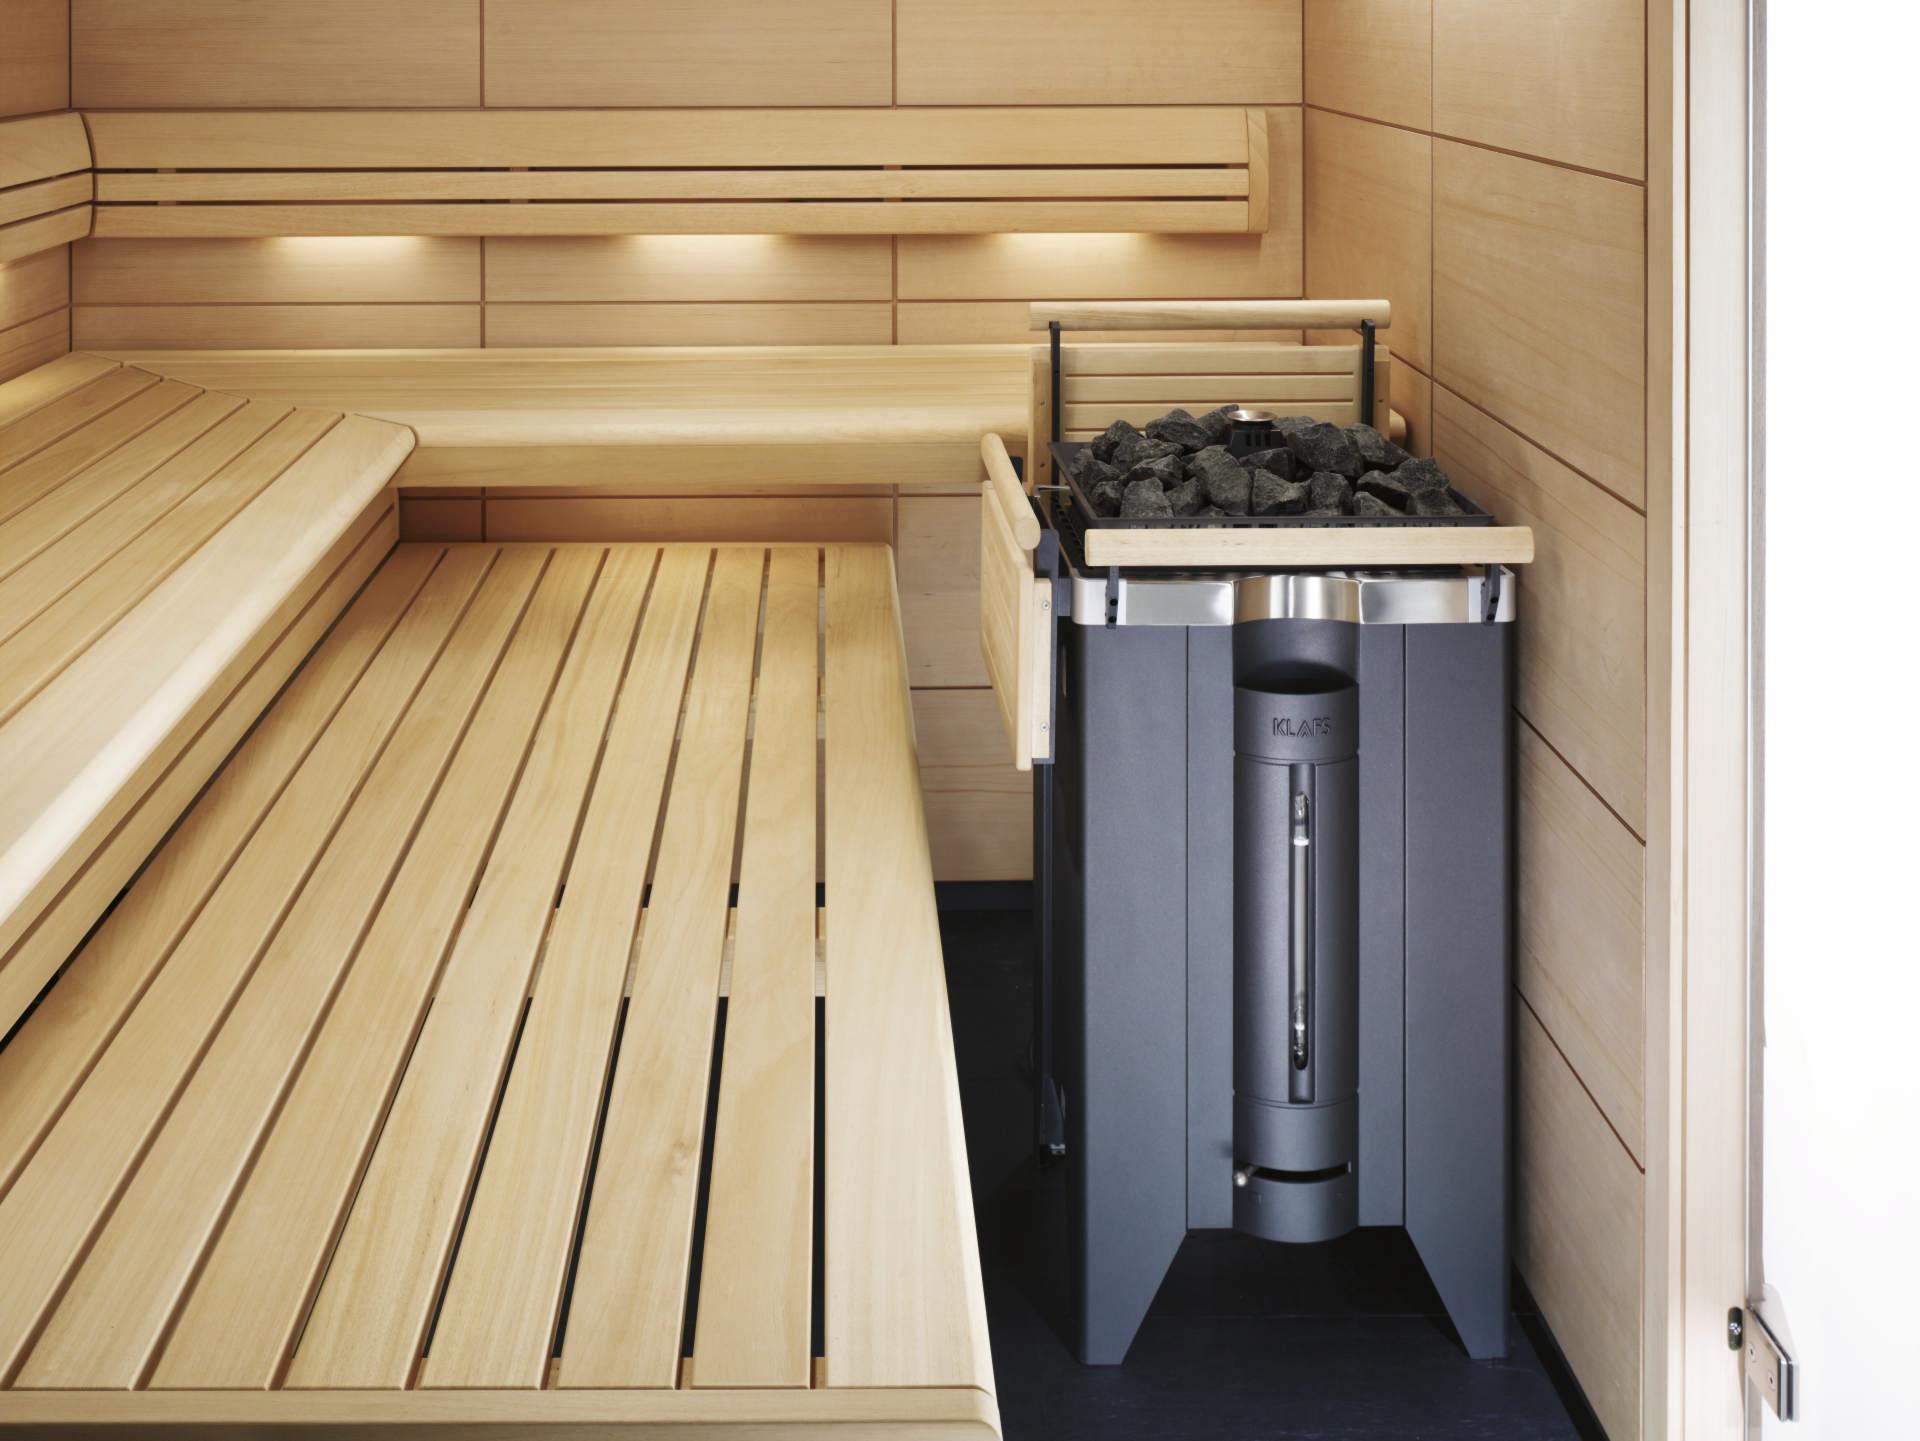 Электрокаменки для сауны и бани, купить - Sauna-life ru